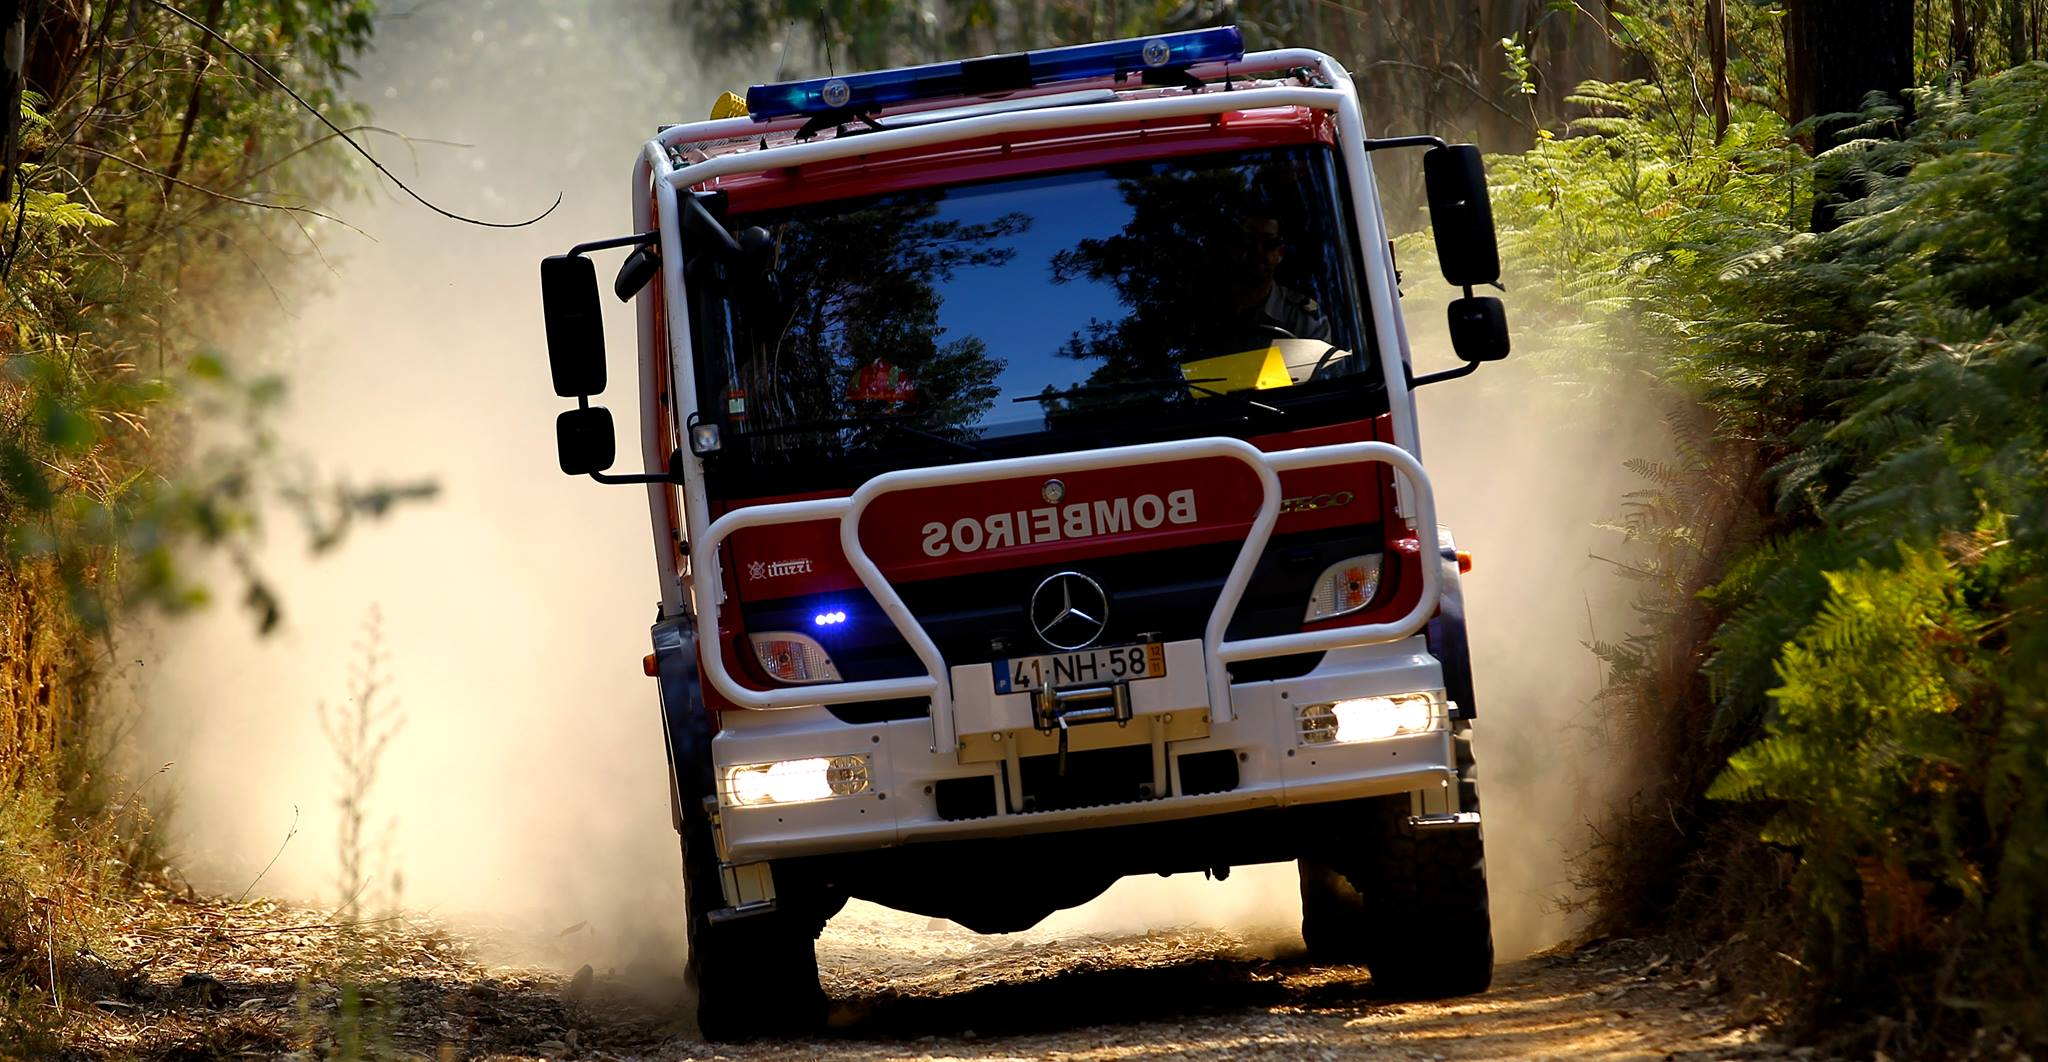 Braga investe 250 mil euros em veículo para combate a incêndios urbanos